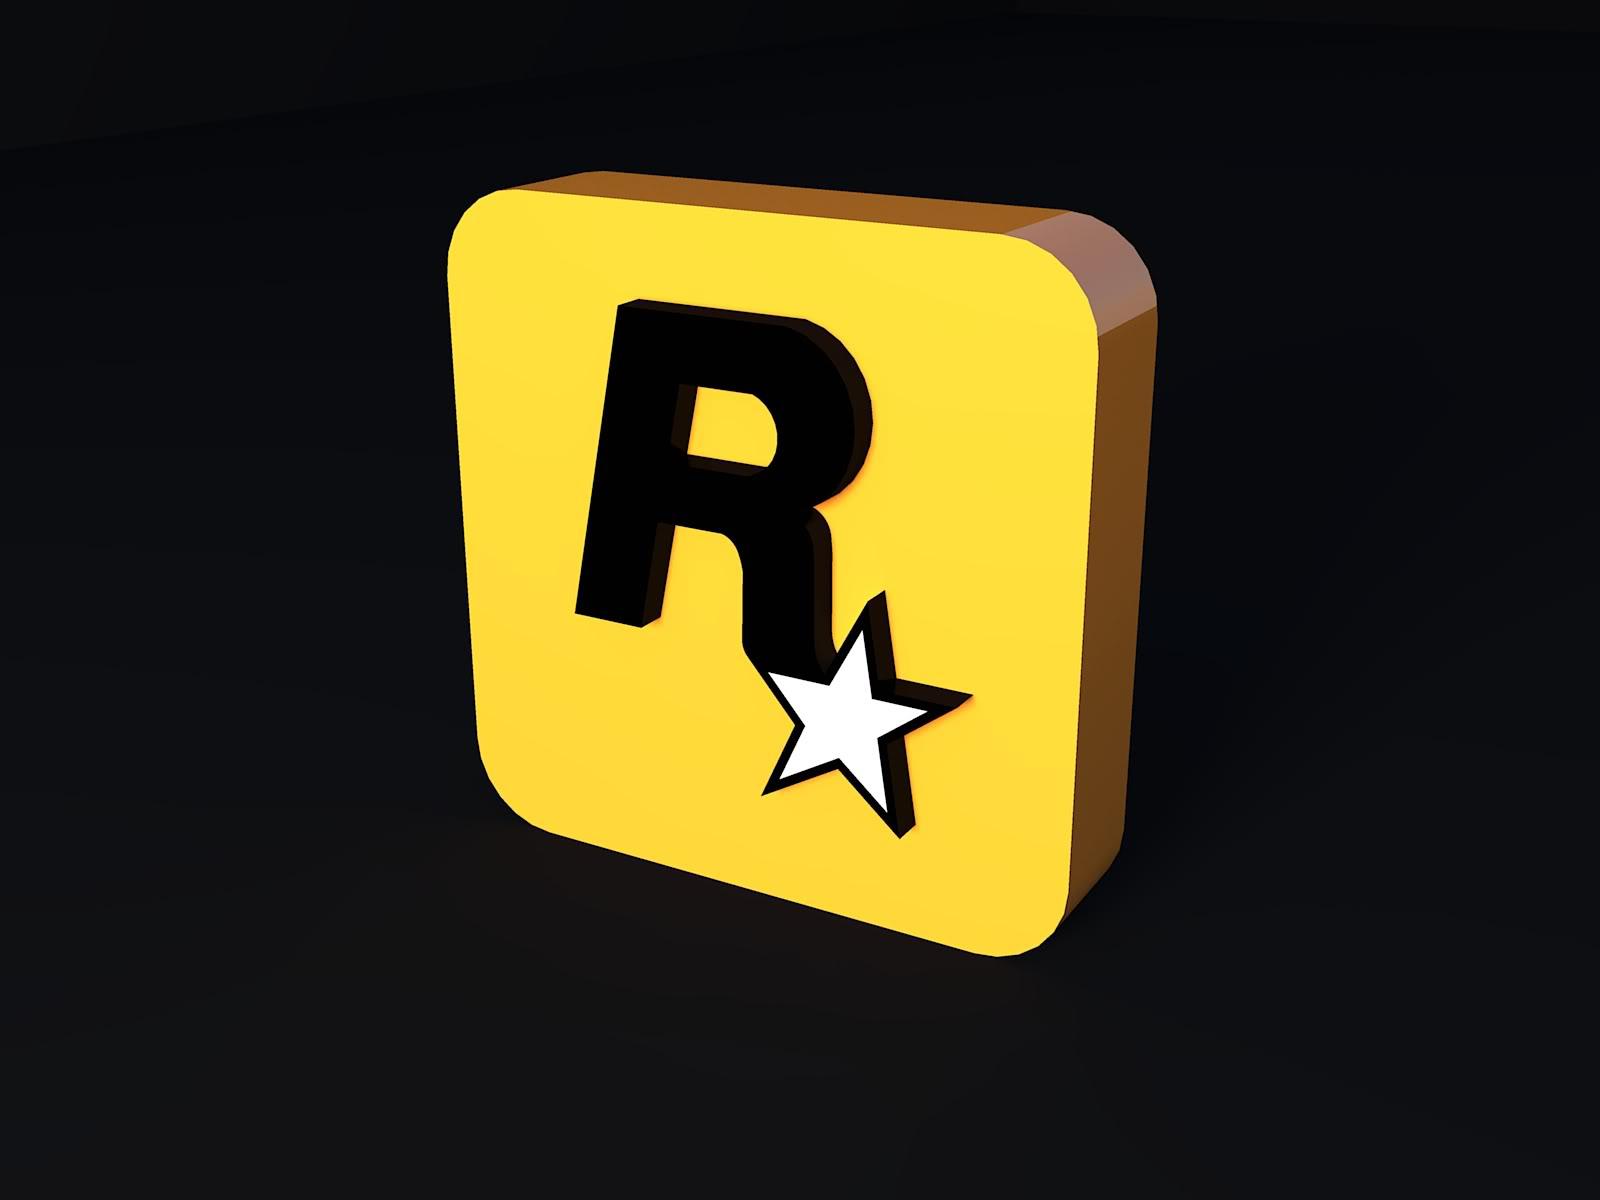 Rockstar Games Logo 41543 1600x1200 px ~ HDWallSource.com